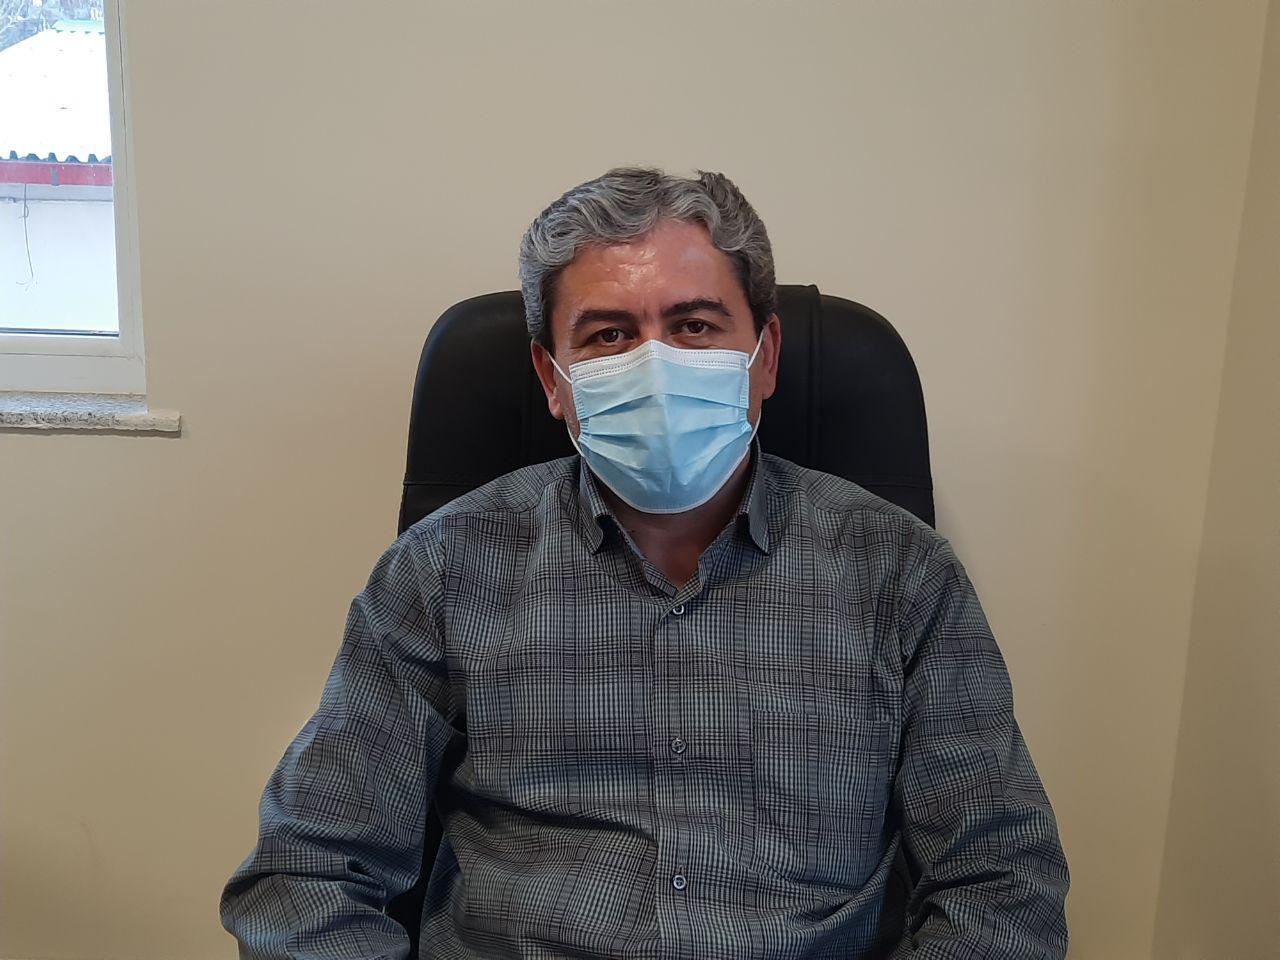 مهمترین راه جلوگیری از گسترش ویروس کرونا پیشگیری و رعایت موارد بهداشتی است/ اماکن پرخطر تنها با رعایت شرایط و پروتکلهای بهداشتی وزارت بهداشت و مرکز سلامت محیط و کار بازگشایی میشوند/ میزان شیوع ویروس کرونا در اهر همچنان بالاست